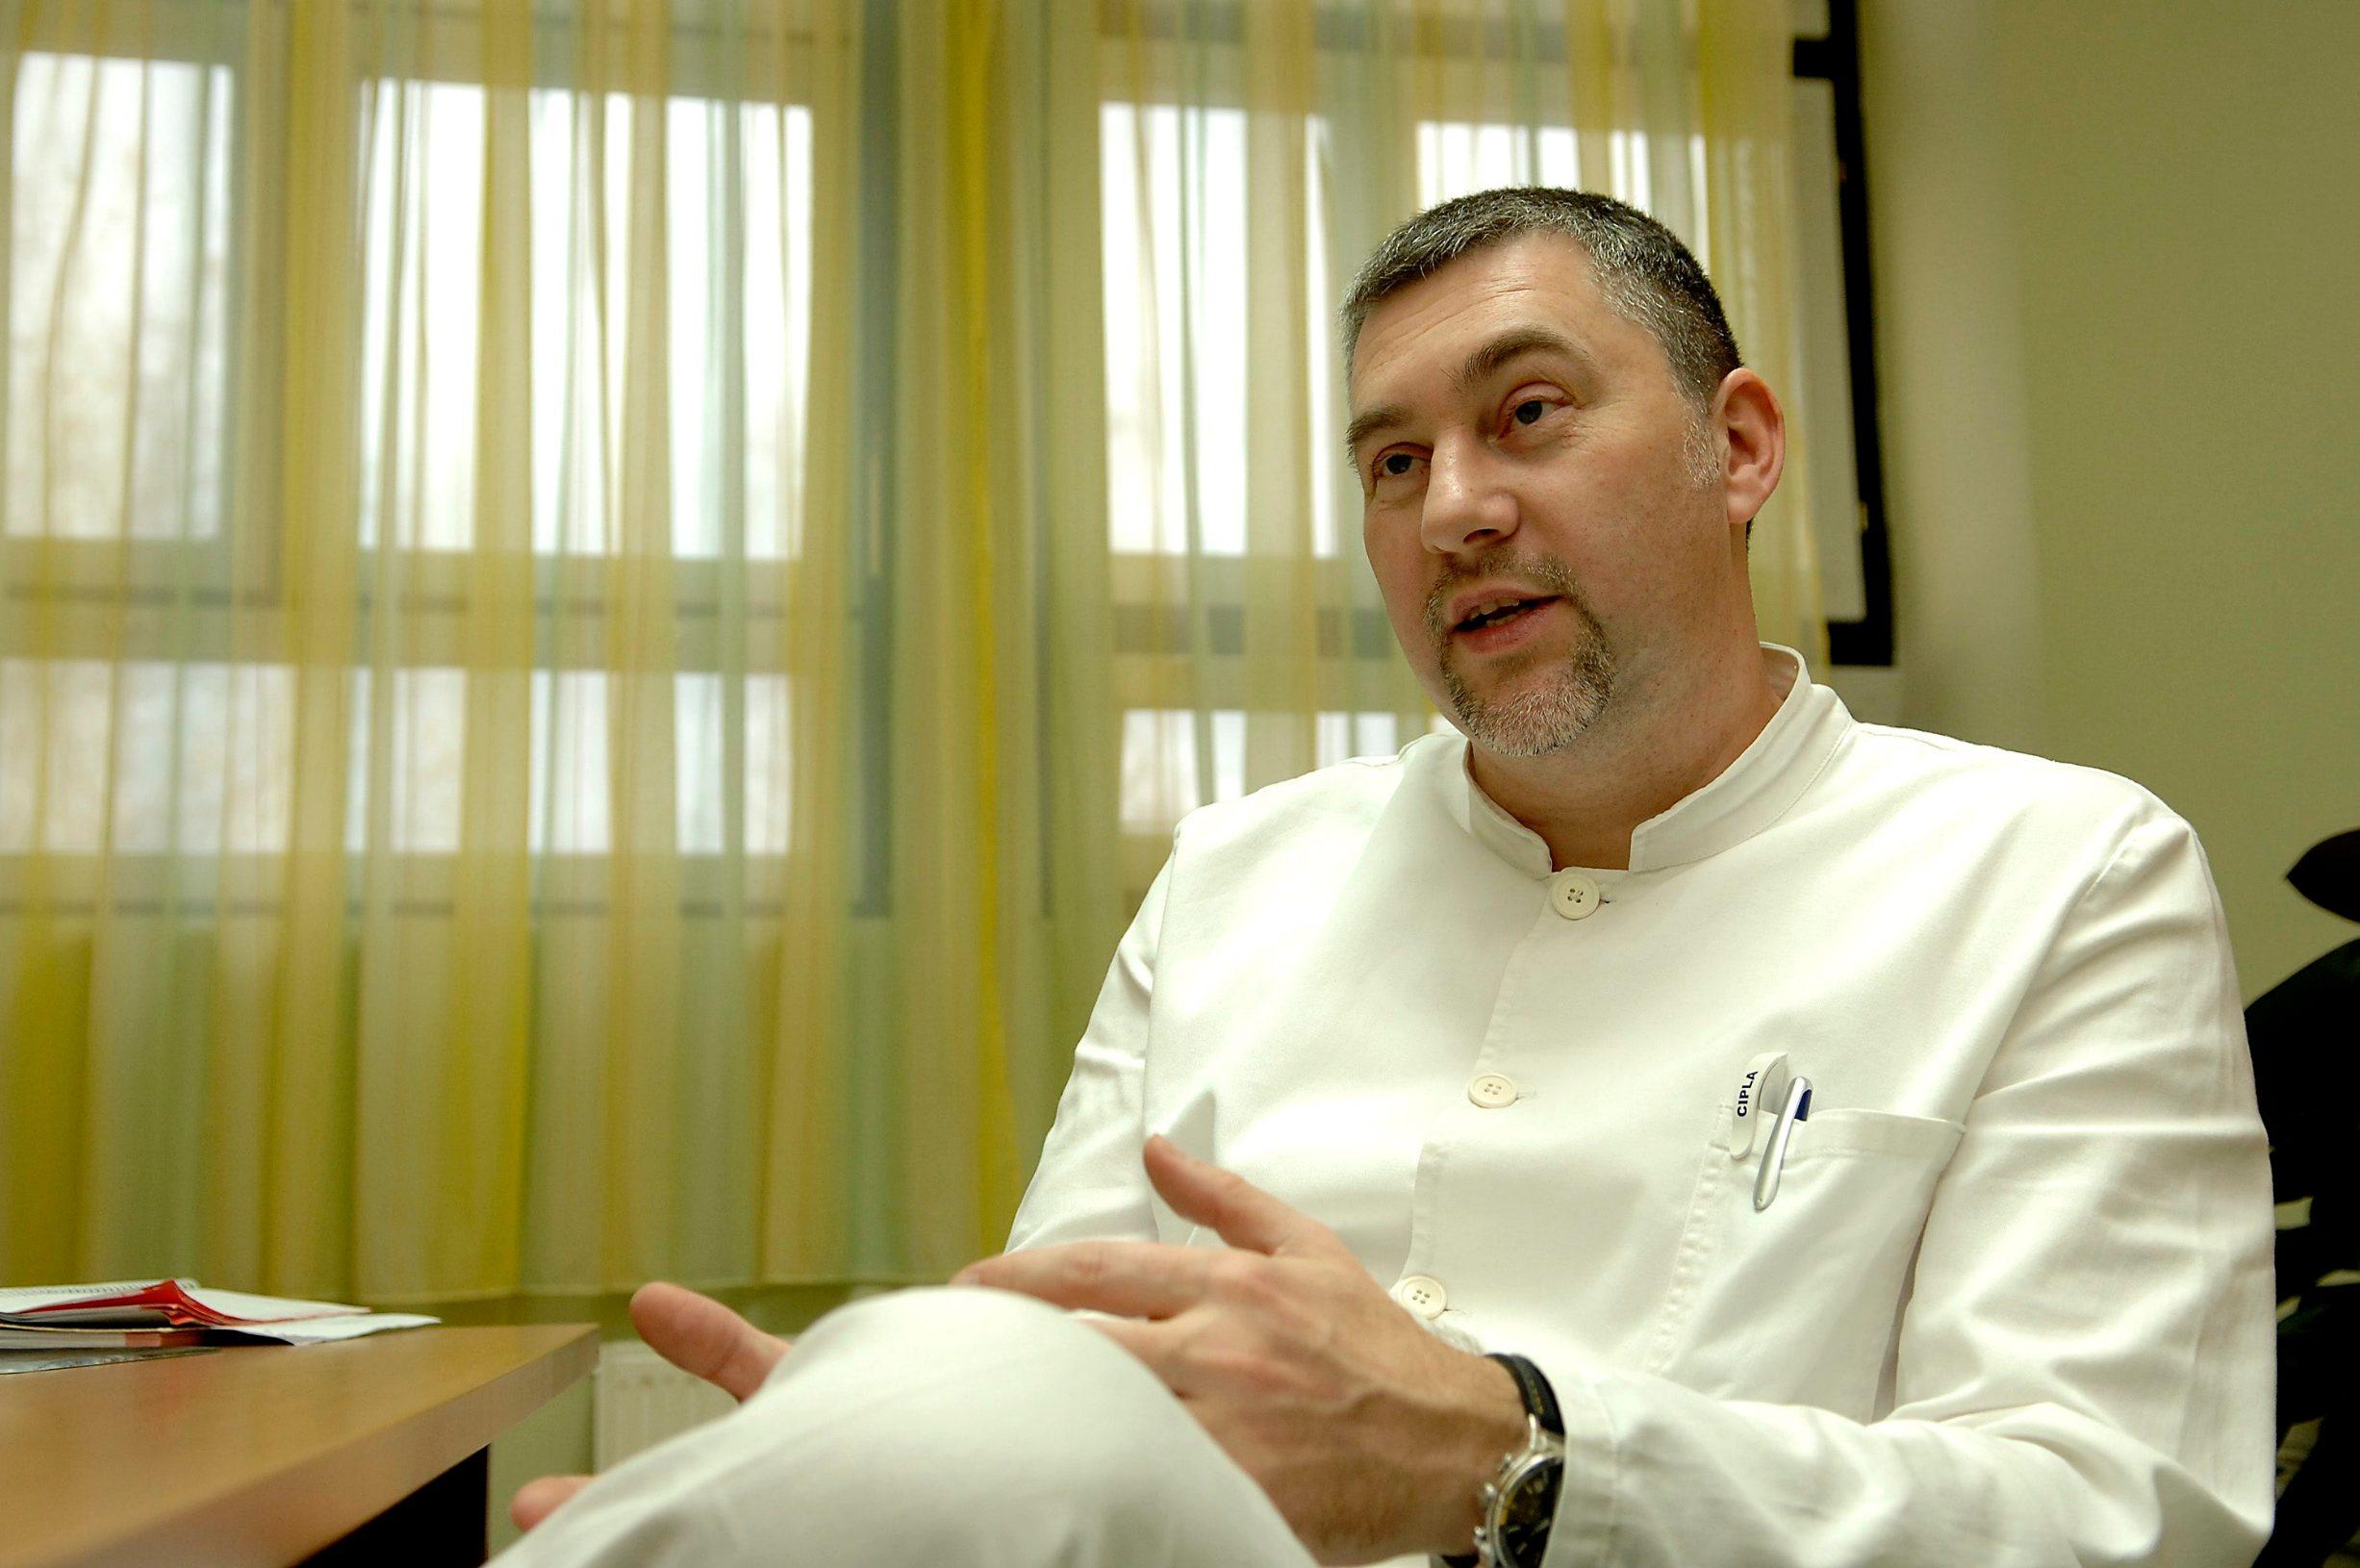 Karlovac, 151211. Goran Arbanas, doktor psihijatrije u Opcoj bolnici Karlovac koji je specijalizirani seksualni terapeut. Foto: Robert Fajt / Cropix